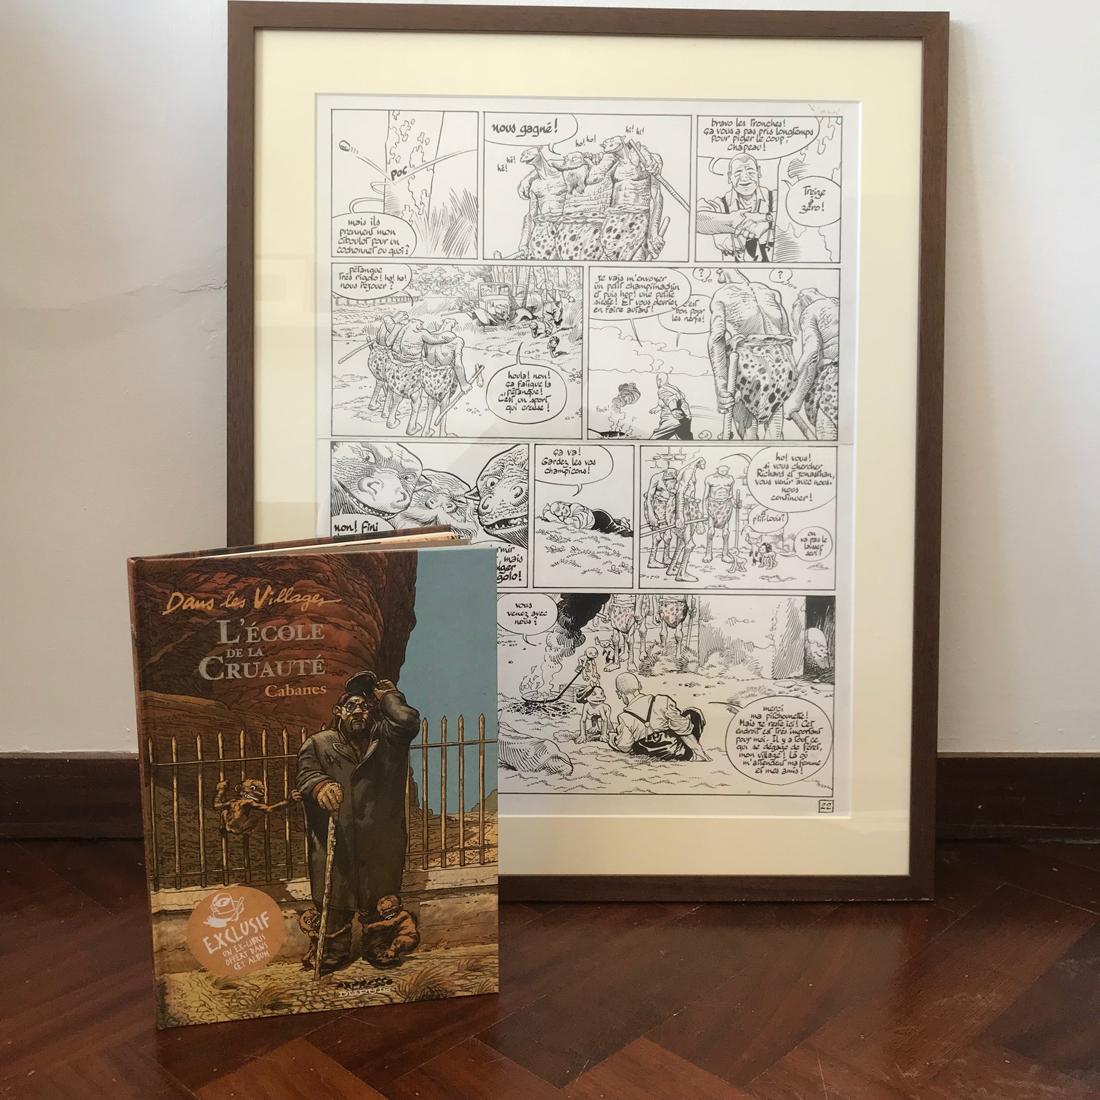 30 ans d'édition, par Sébastien Gnaedig, Chapitre 30 : un petit Expresso?